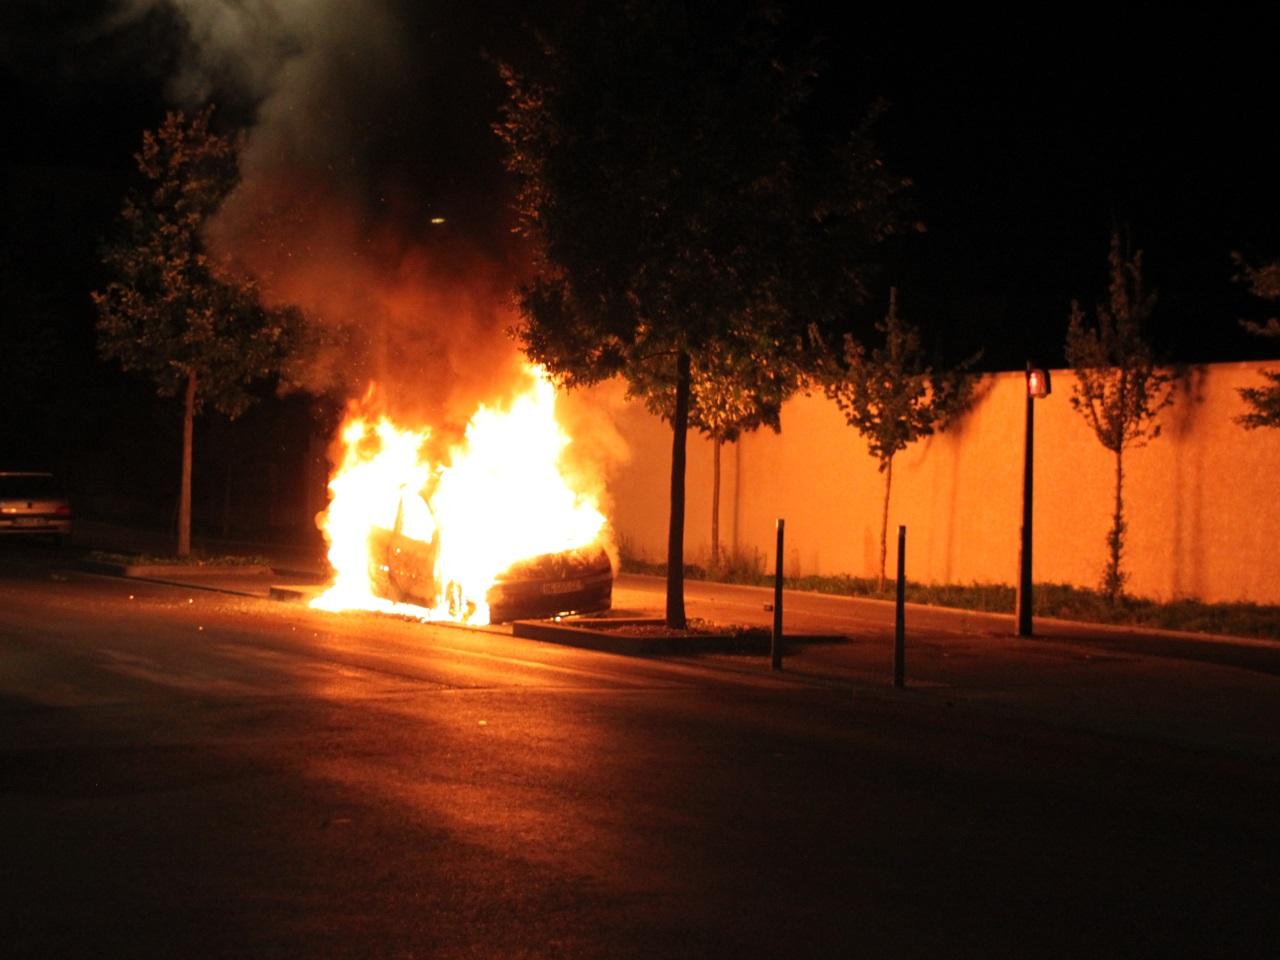 des voitures br l es et des tirs de mortiers dans l est lyonnais. Black Bedroom Furniture Sets. Home Design Ideas